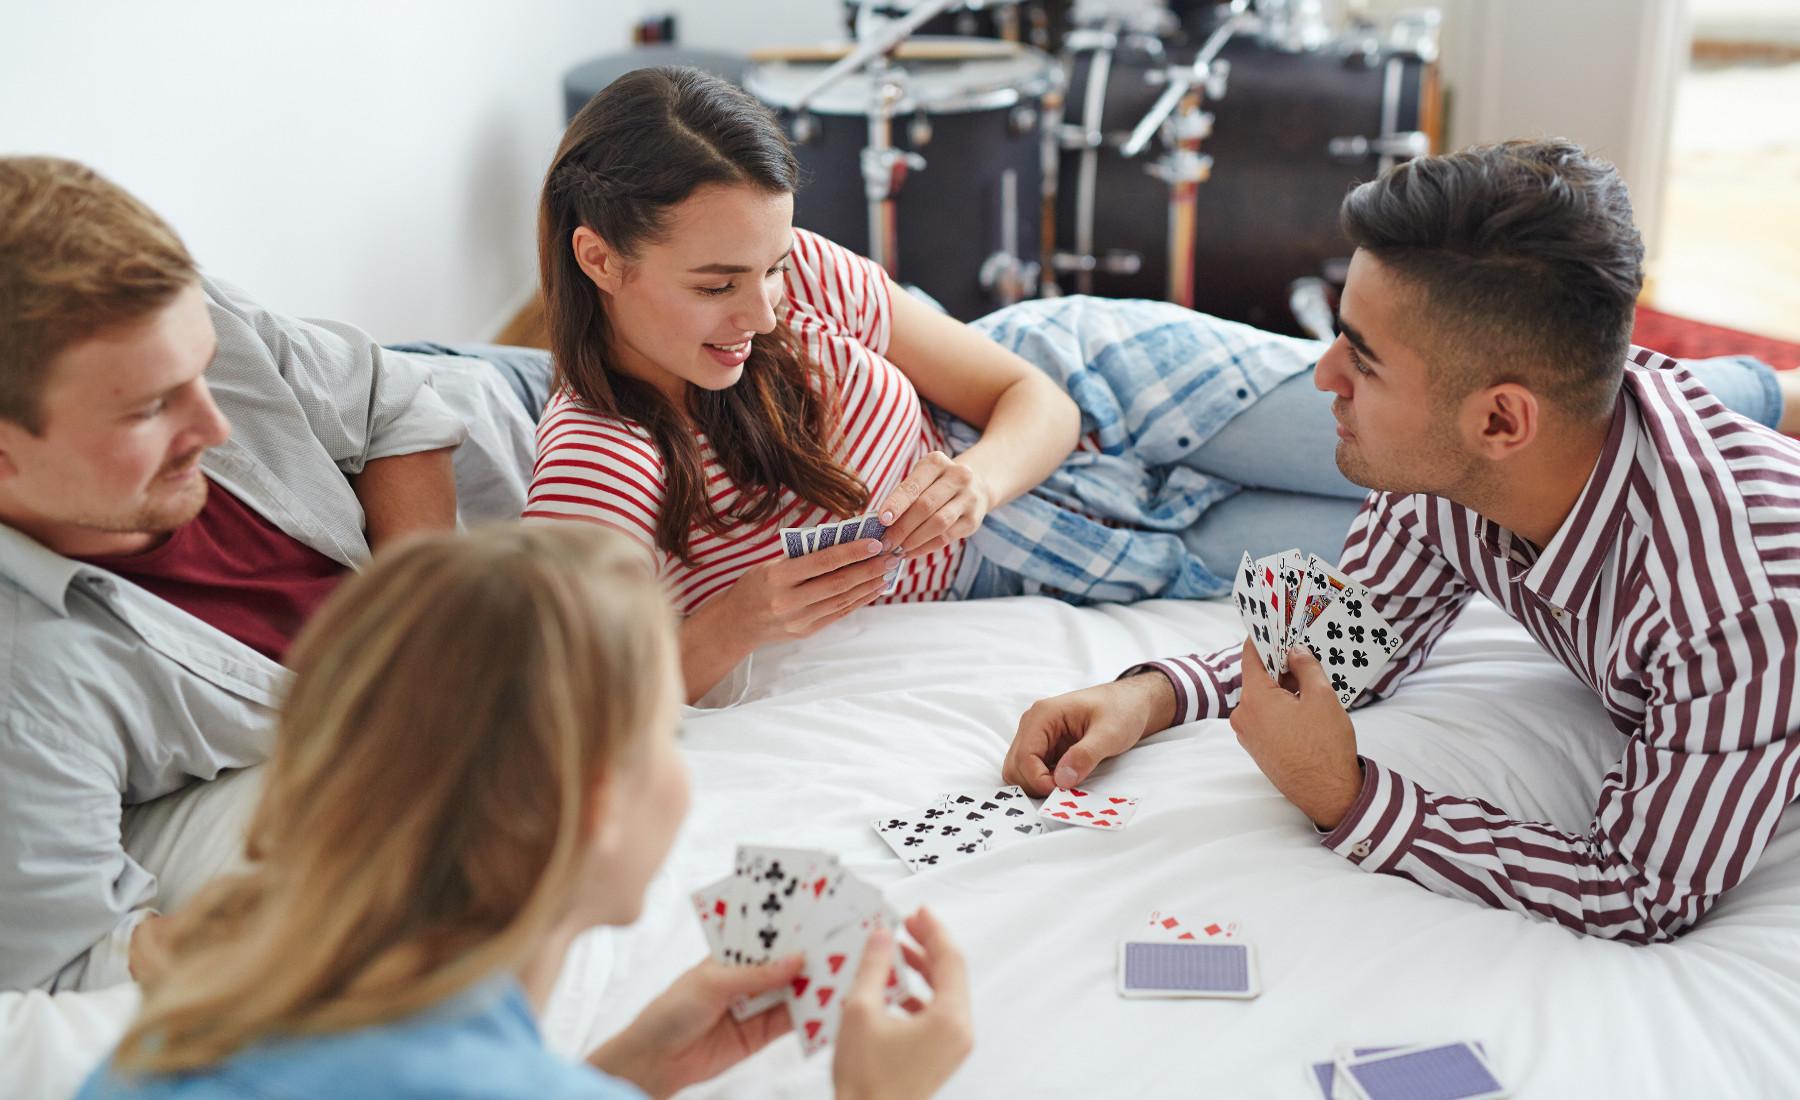 כסף קל - ההתמכרות להימורים עשויה לפגוע בכל בית